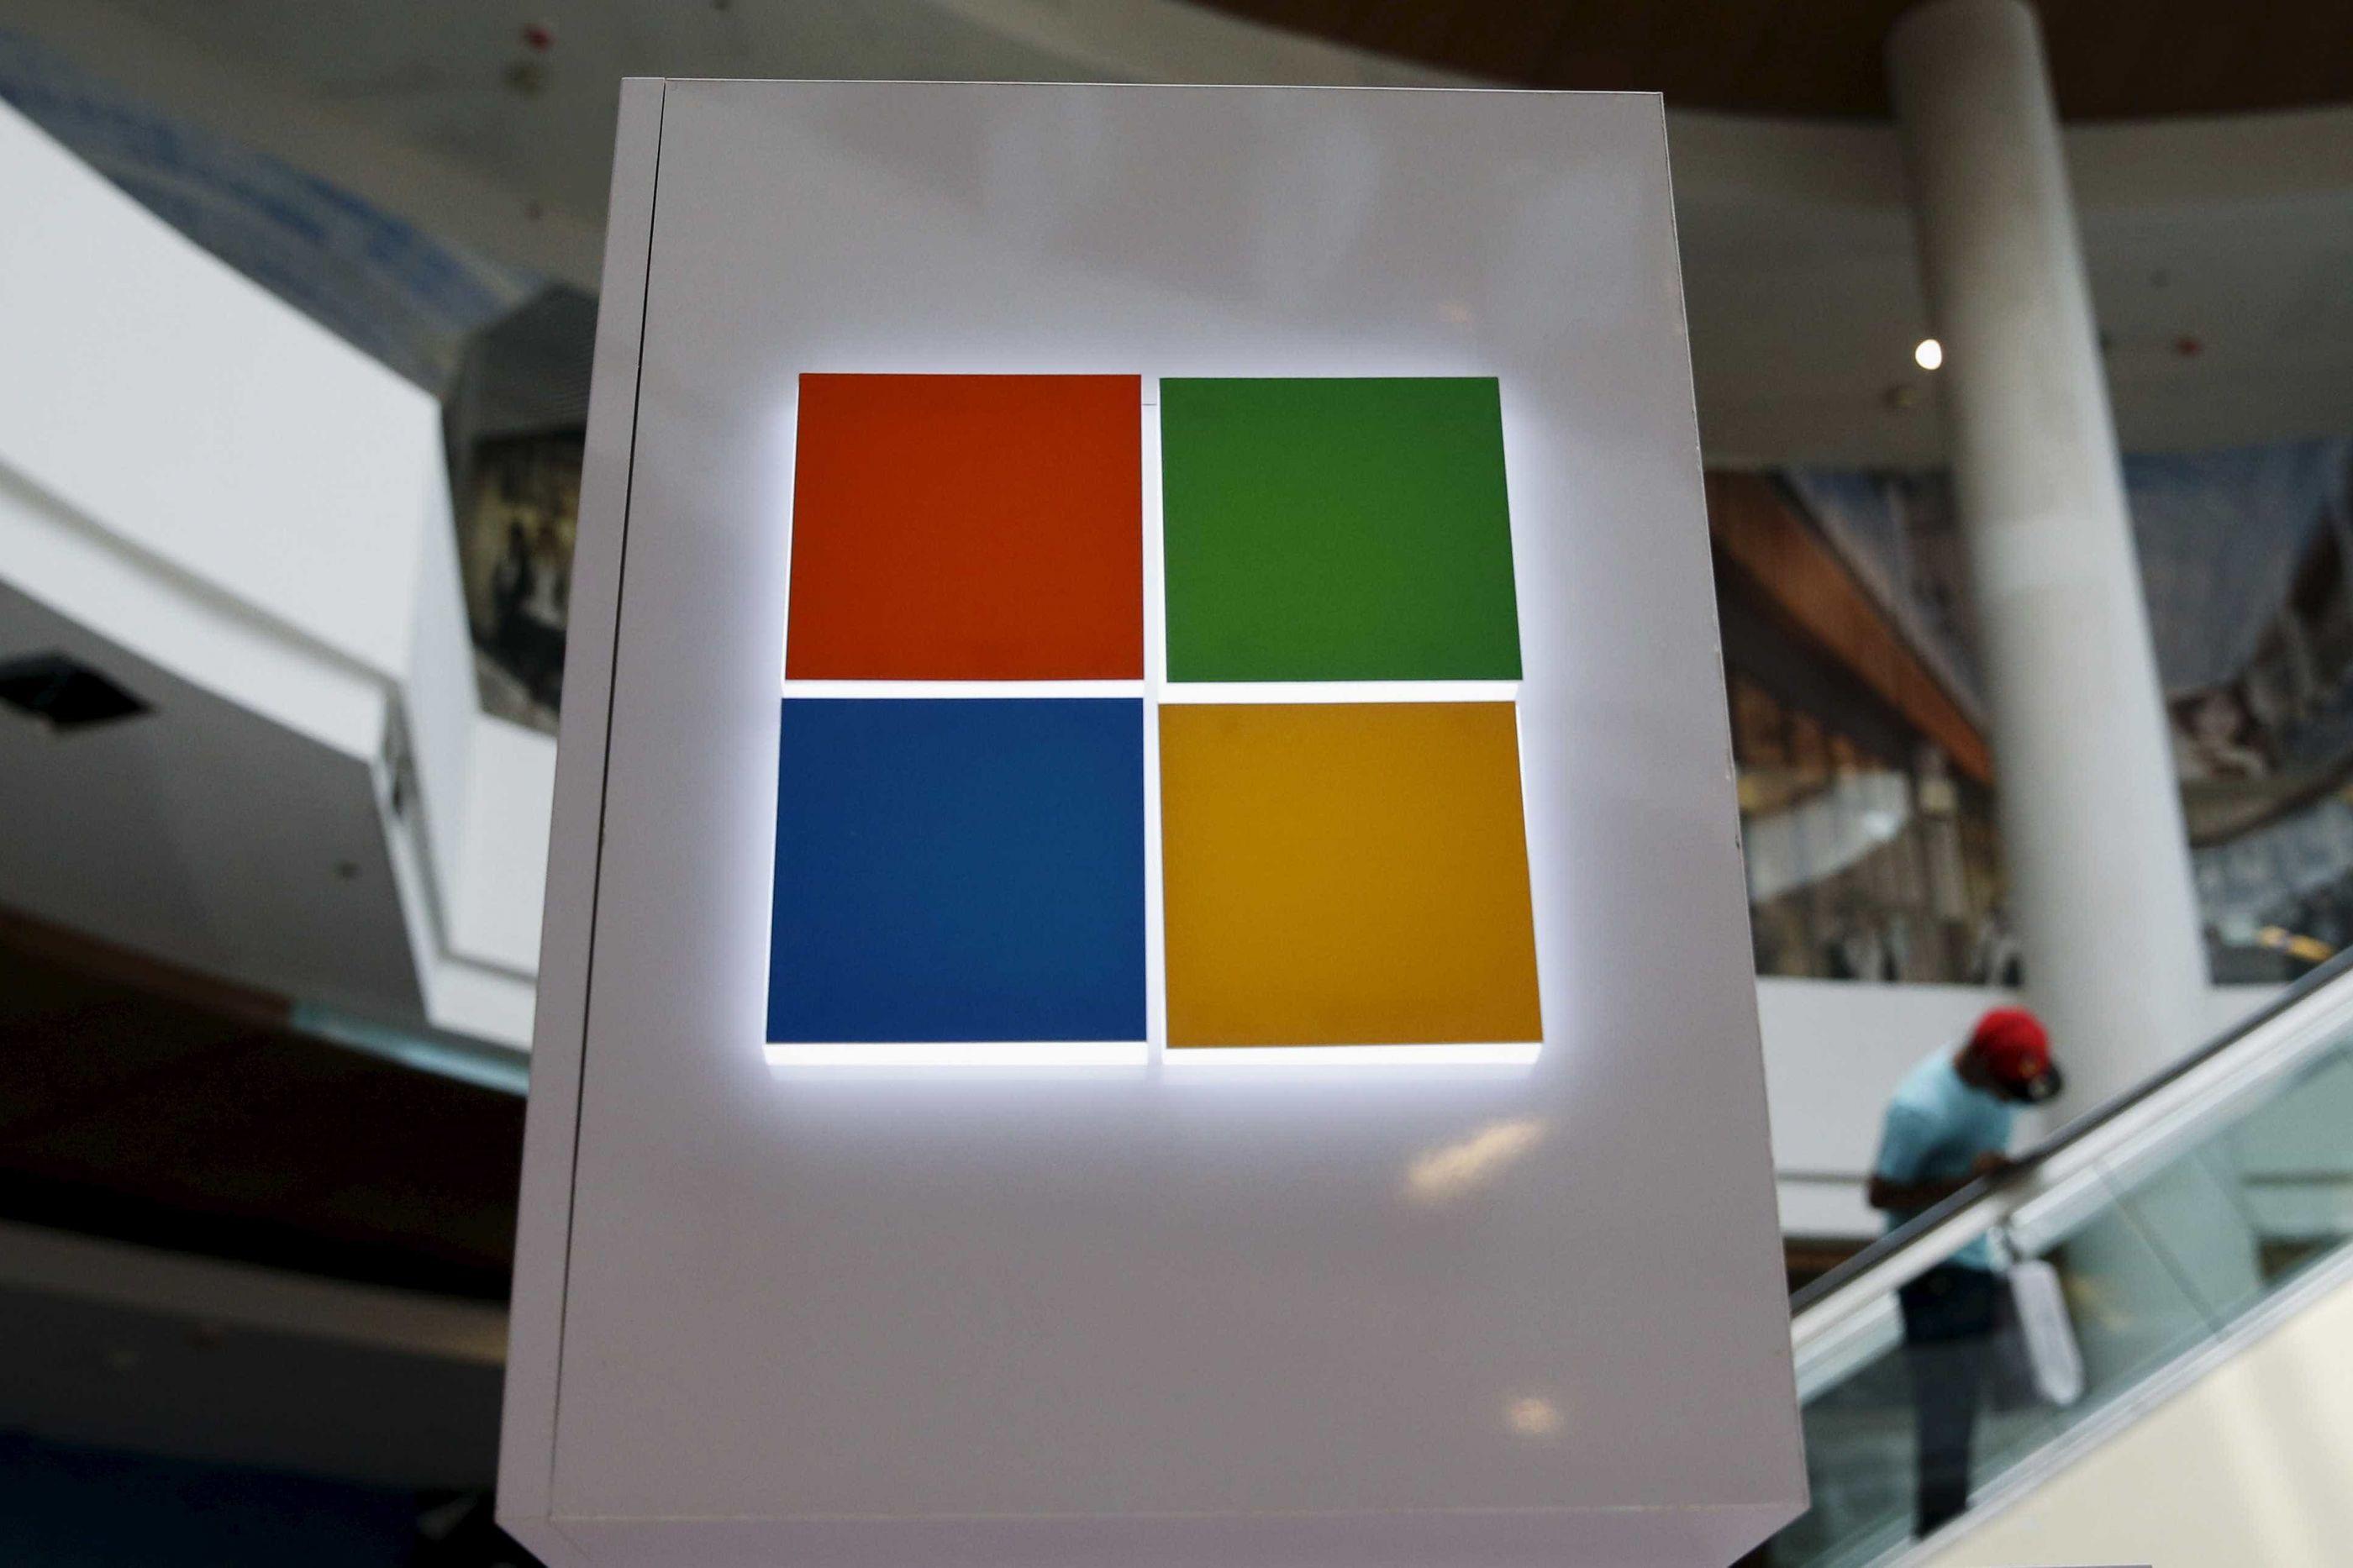 Microsoft alerta para ataques informáticos em eleições europeias